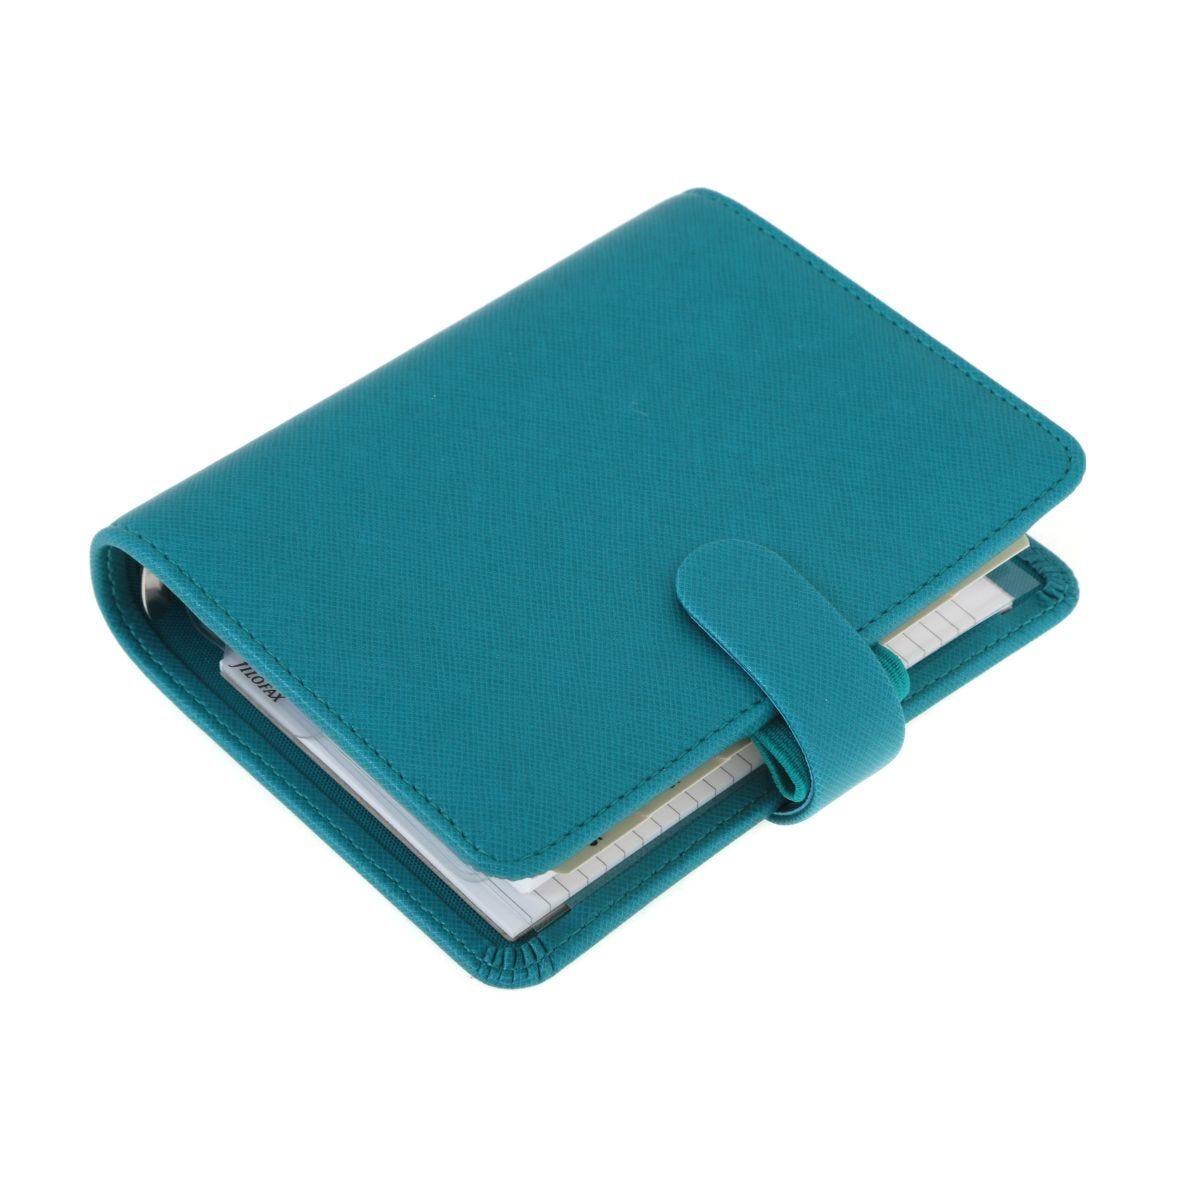 Filofax Pocket Saffiano Aqua Organiser